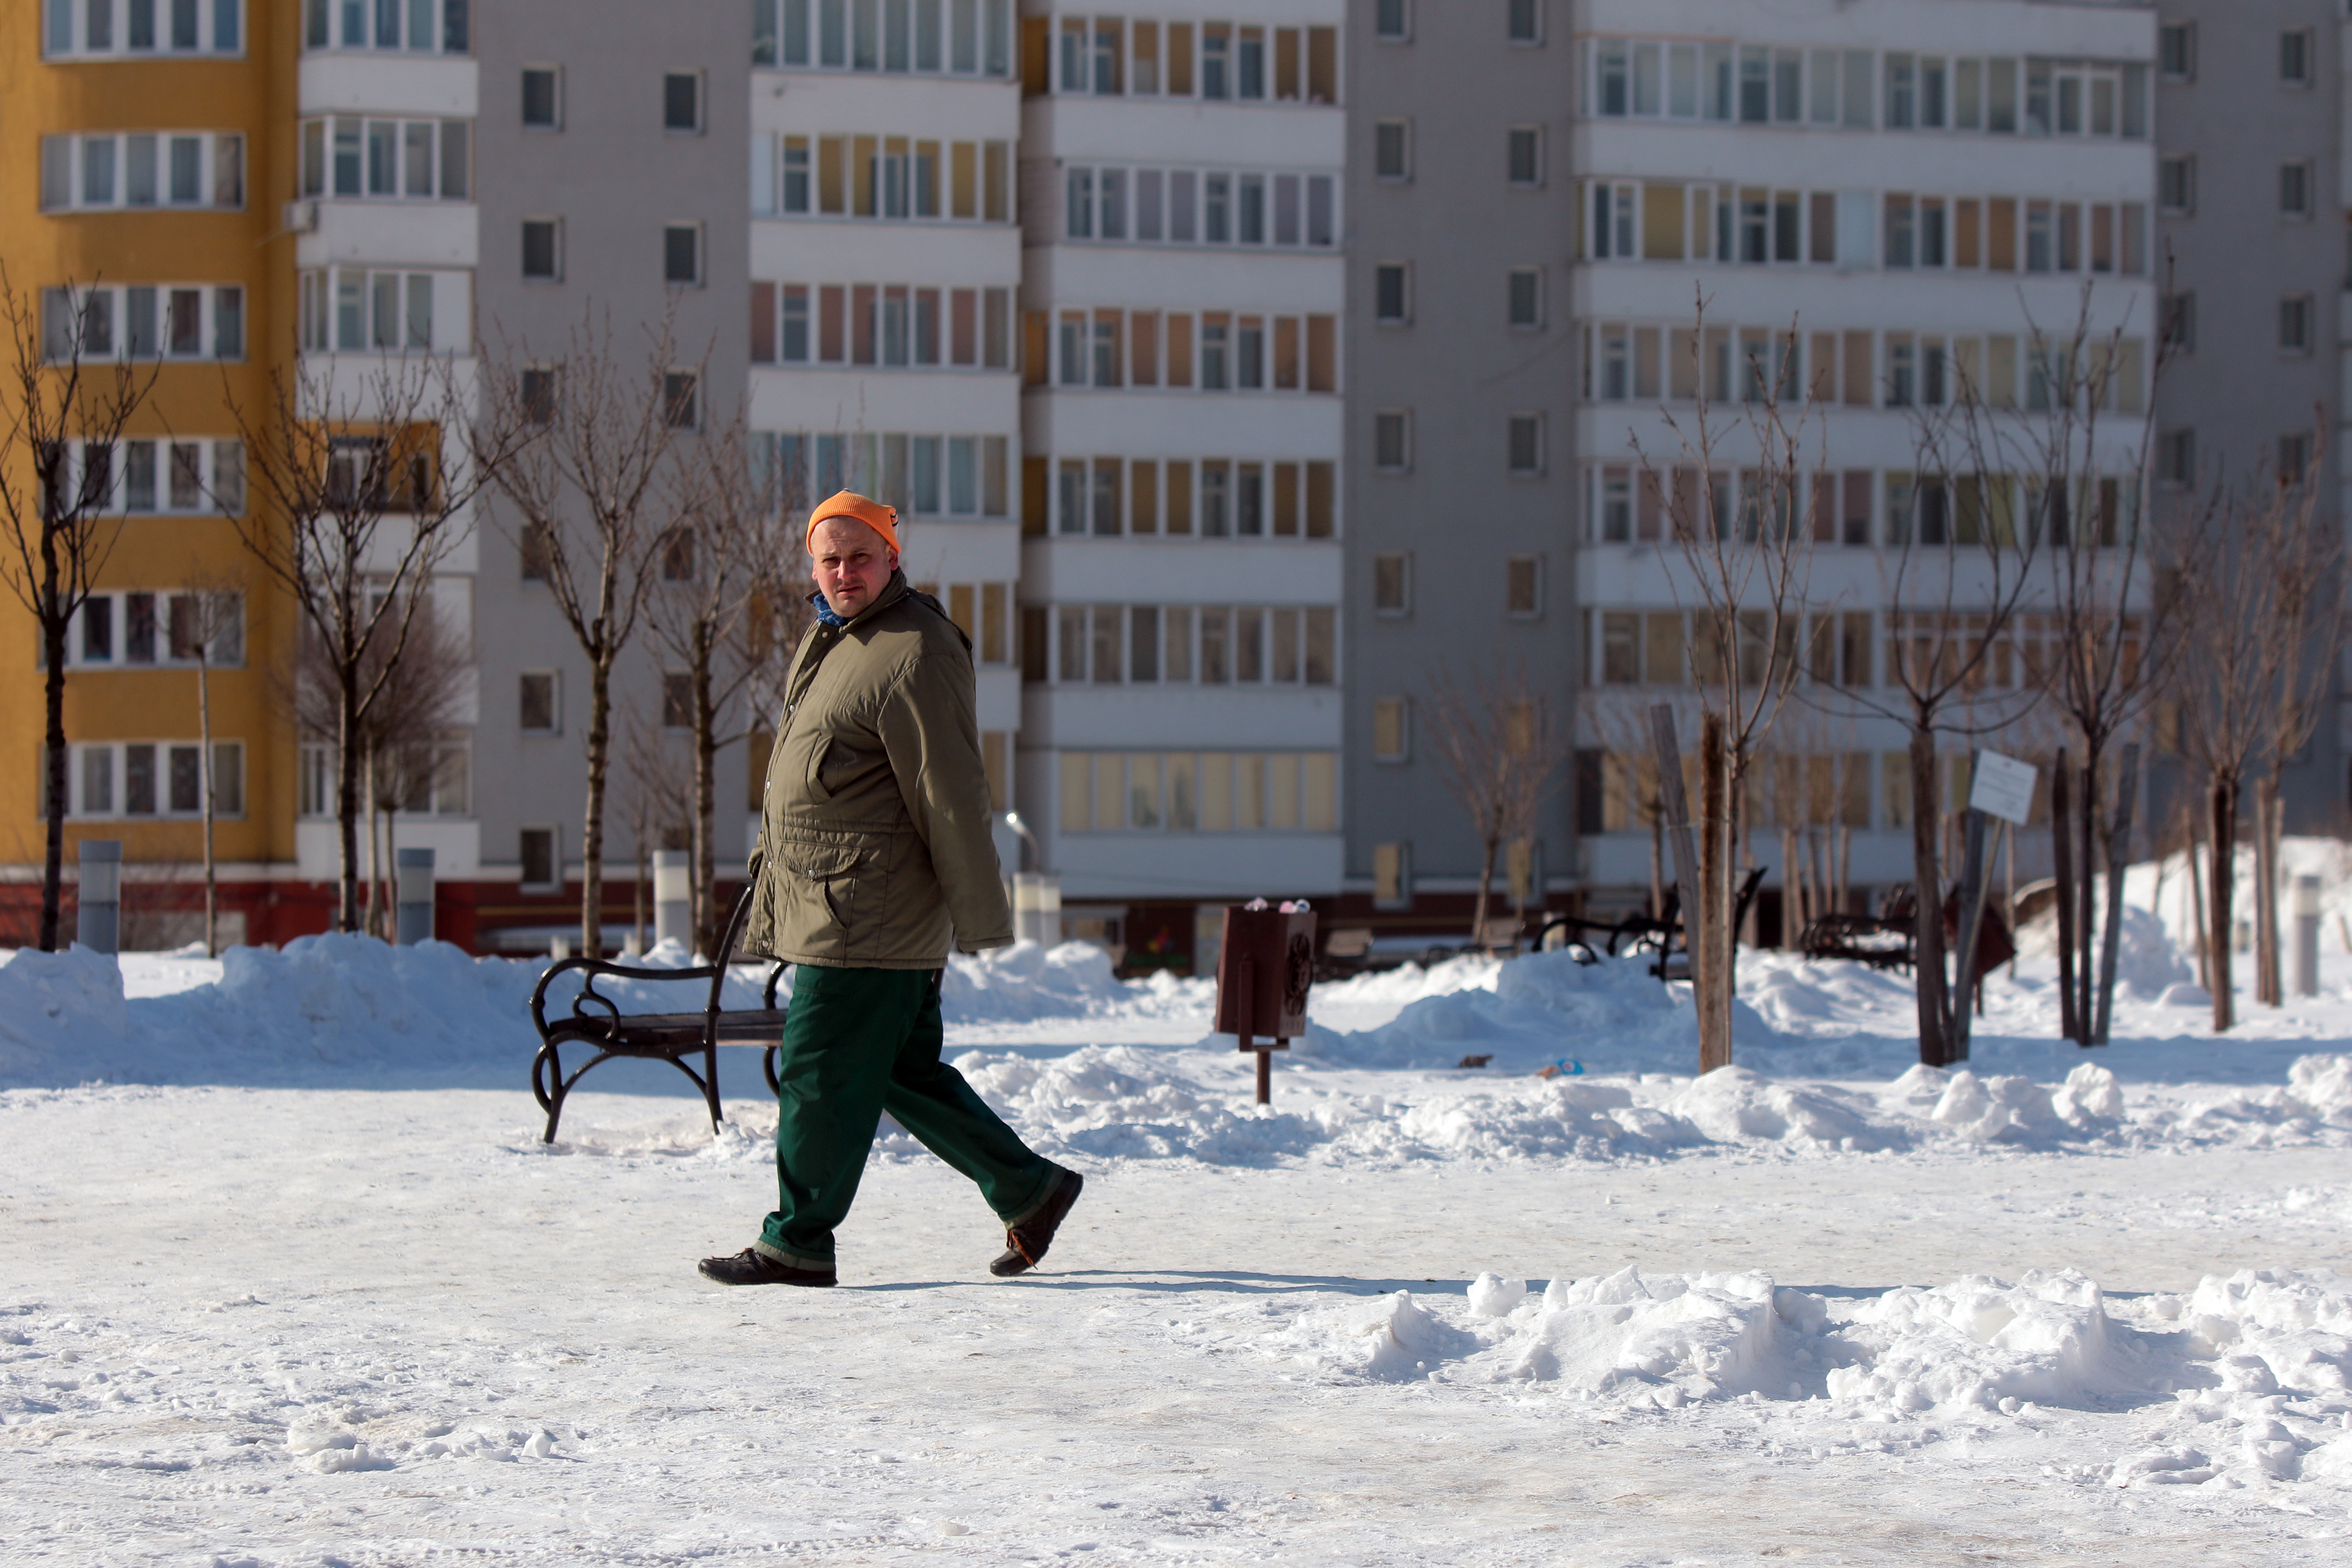 Де у Львові розміщені пункти обігріву. Адреси